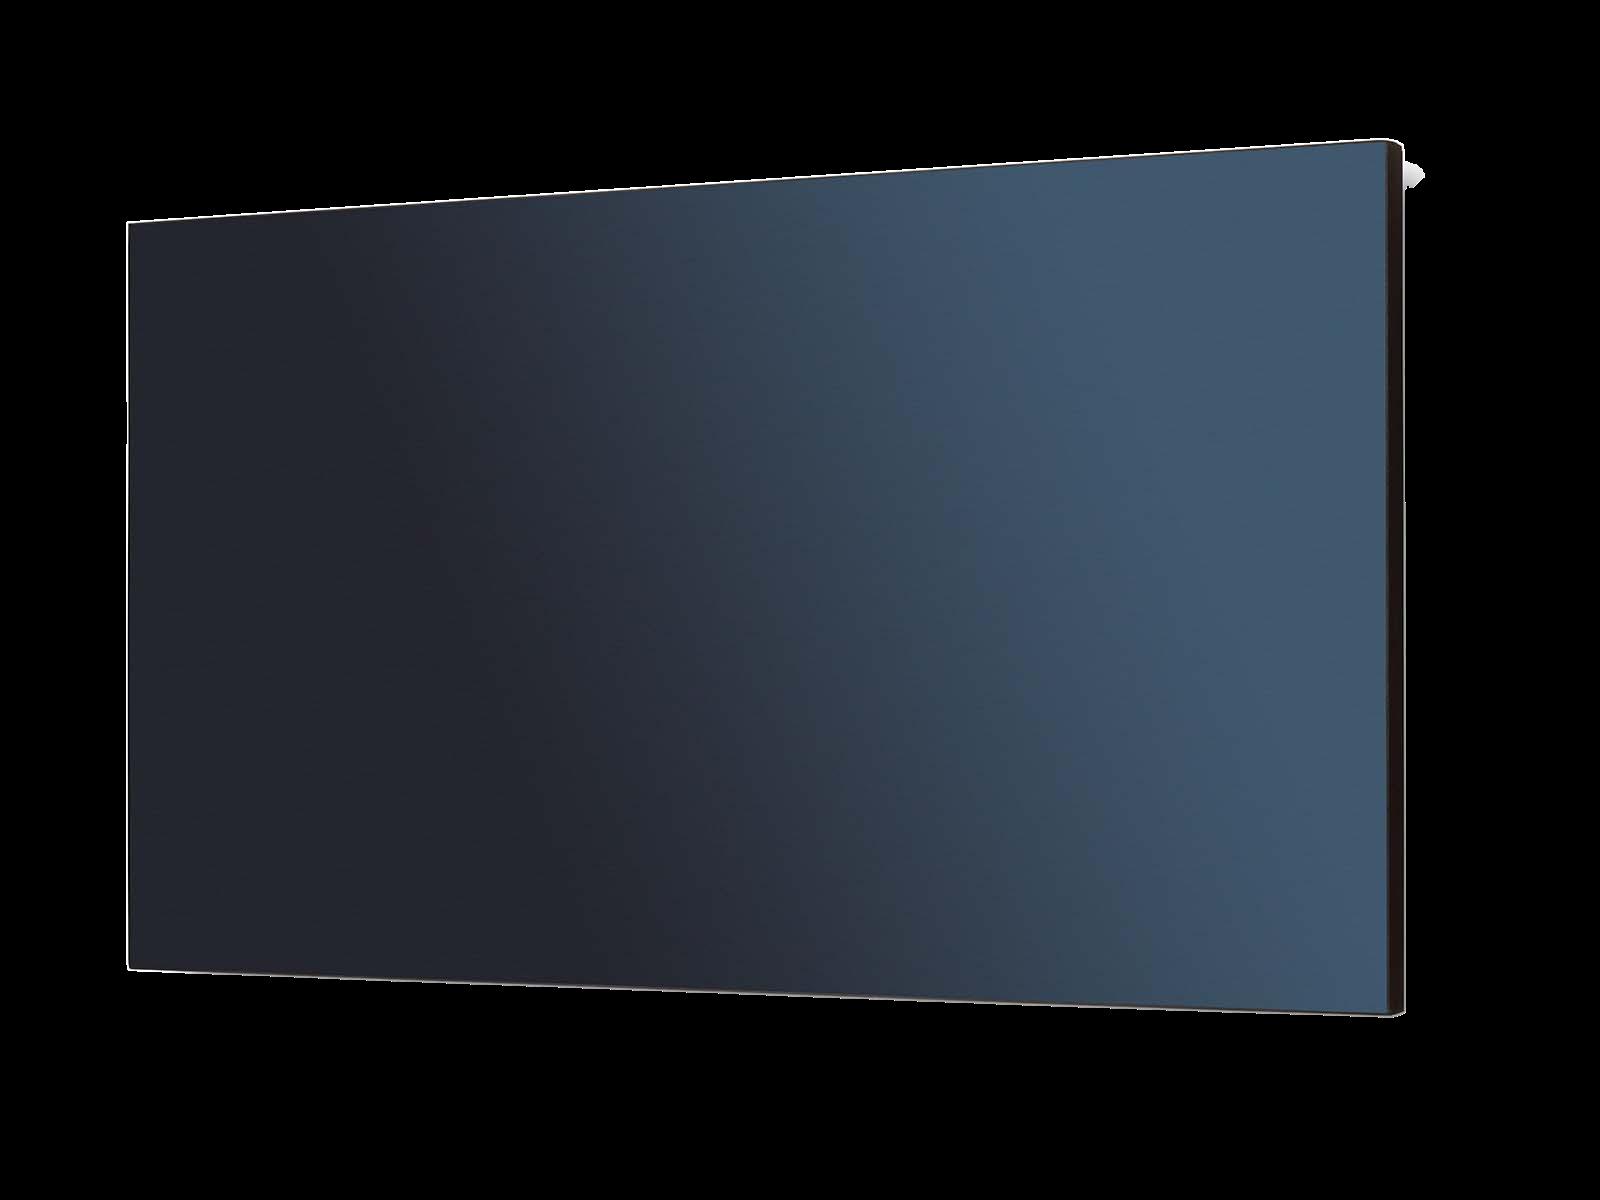 UN551S_Lt_RGB